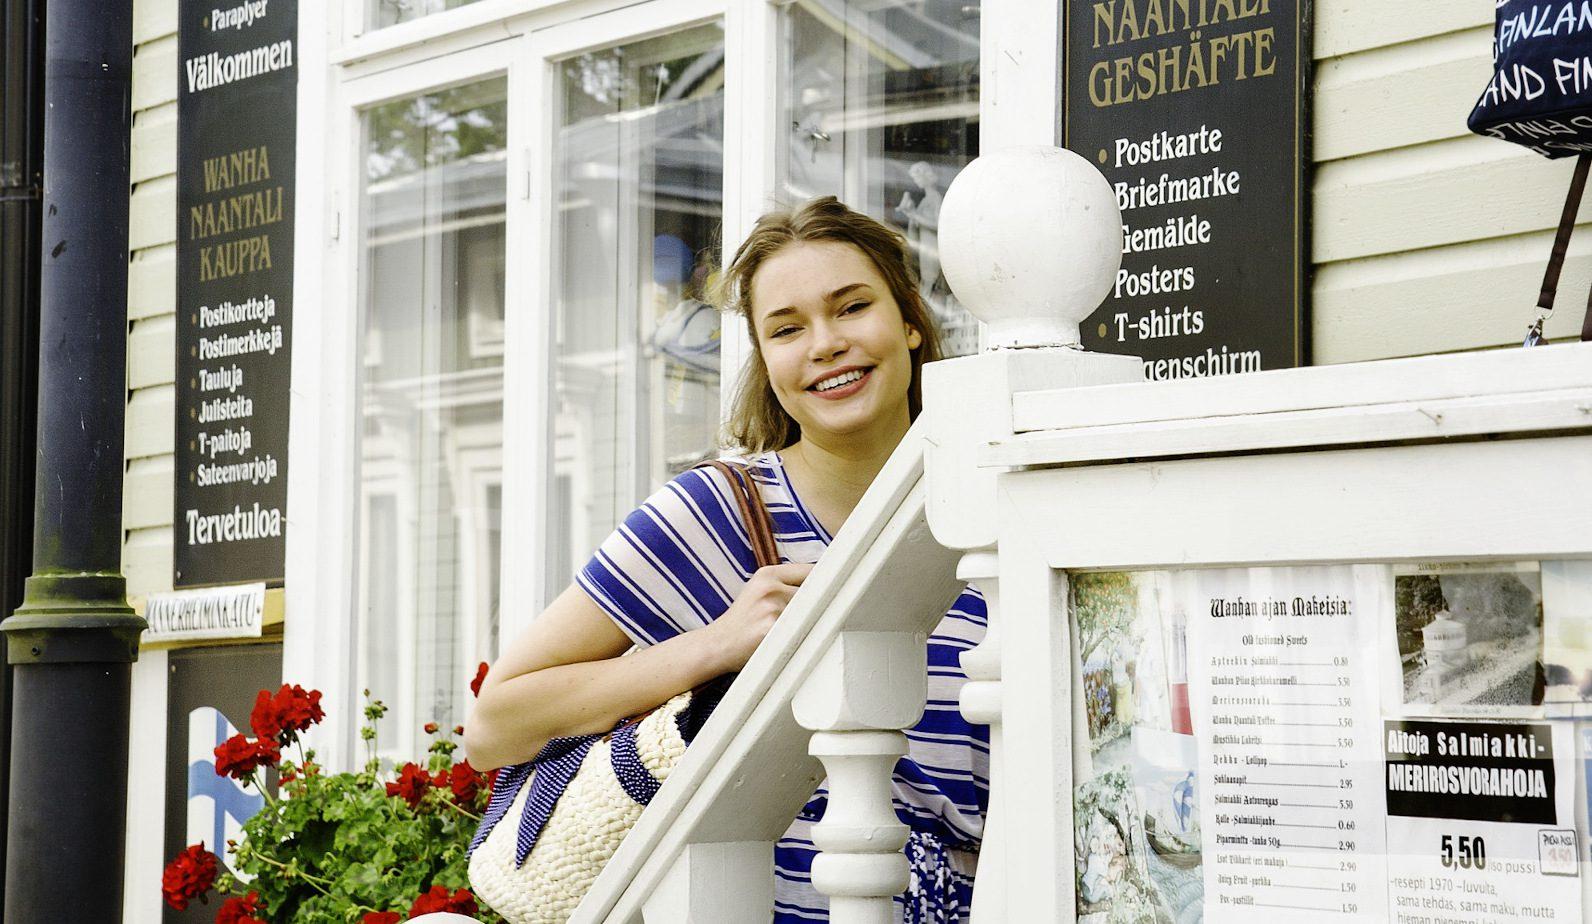 Tyttö, jolla on sinivalkoraidallinenmekko, seisoo myymälän portailla, valkea kaide. Taustalla näyteikkuna ja mainostauluja.